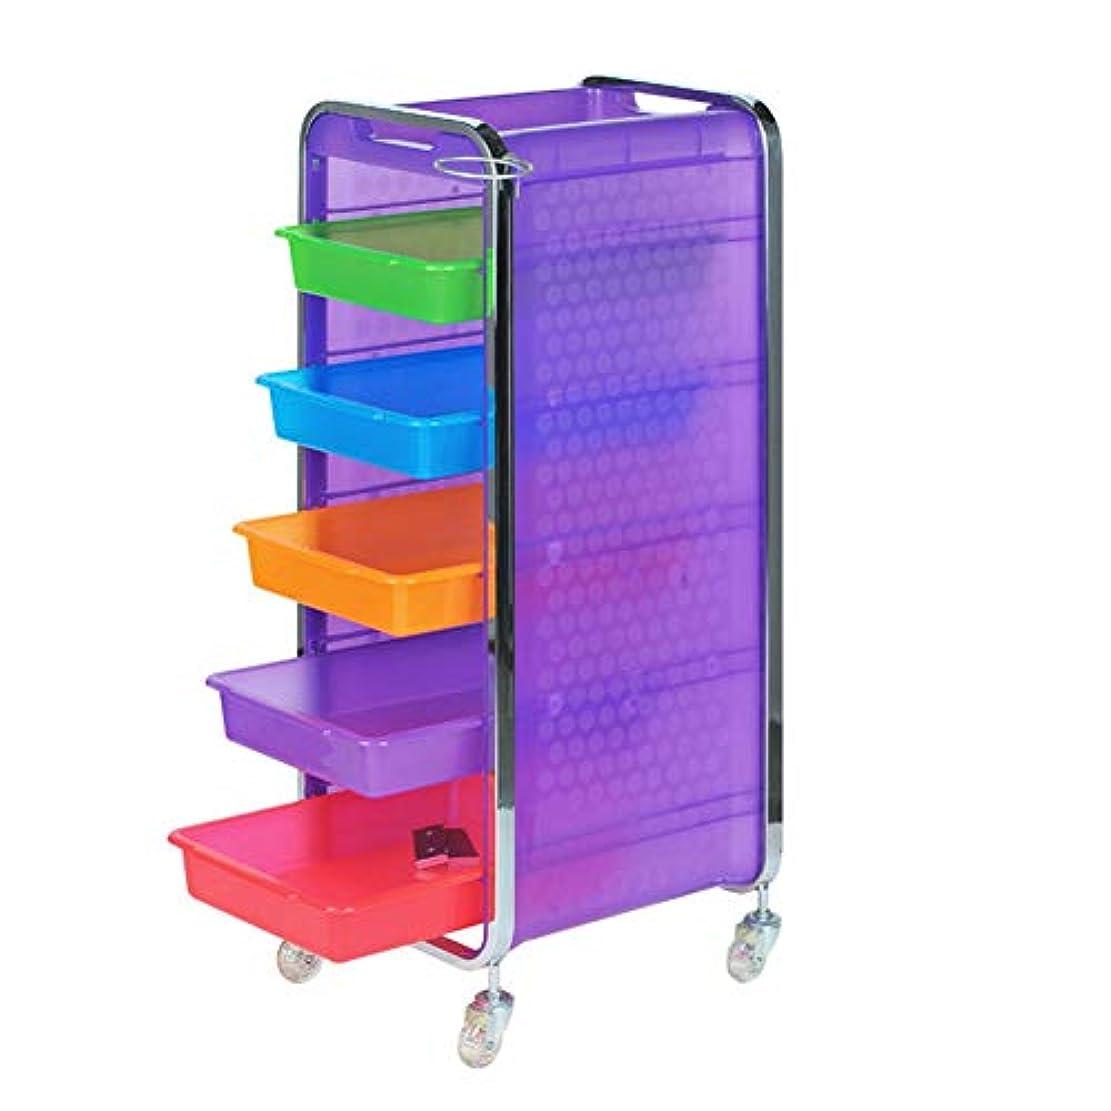 行う厚くする兵士サロン美容院トロリー美容美容収納カート6層トレイ多機能引き出し虹色,Purple,B